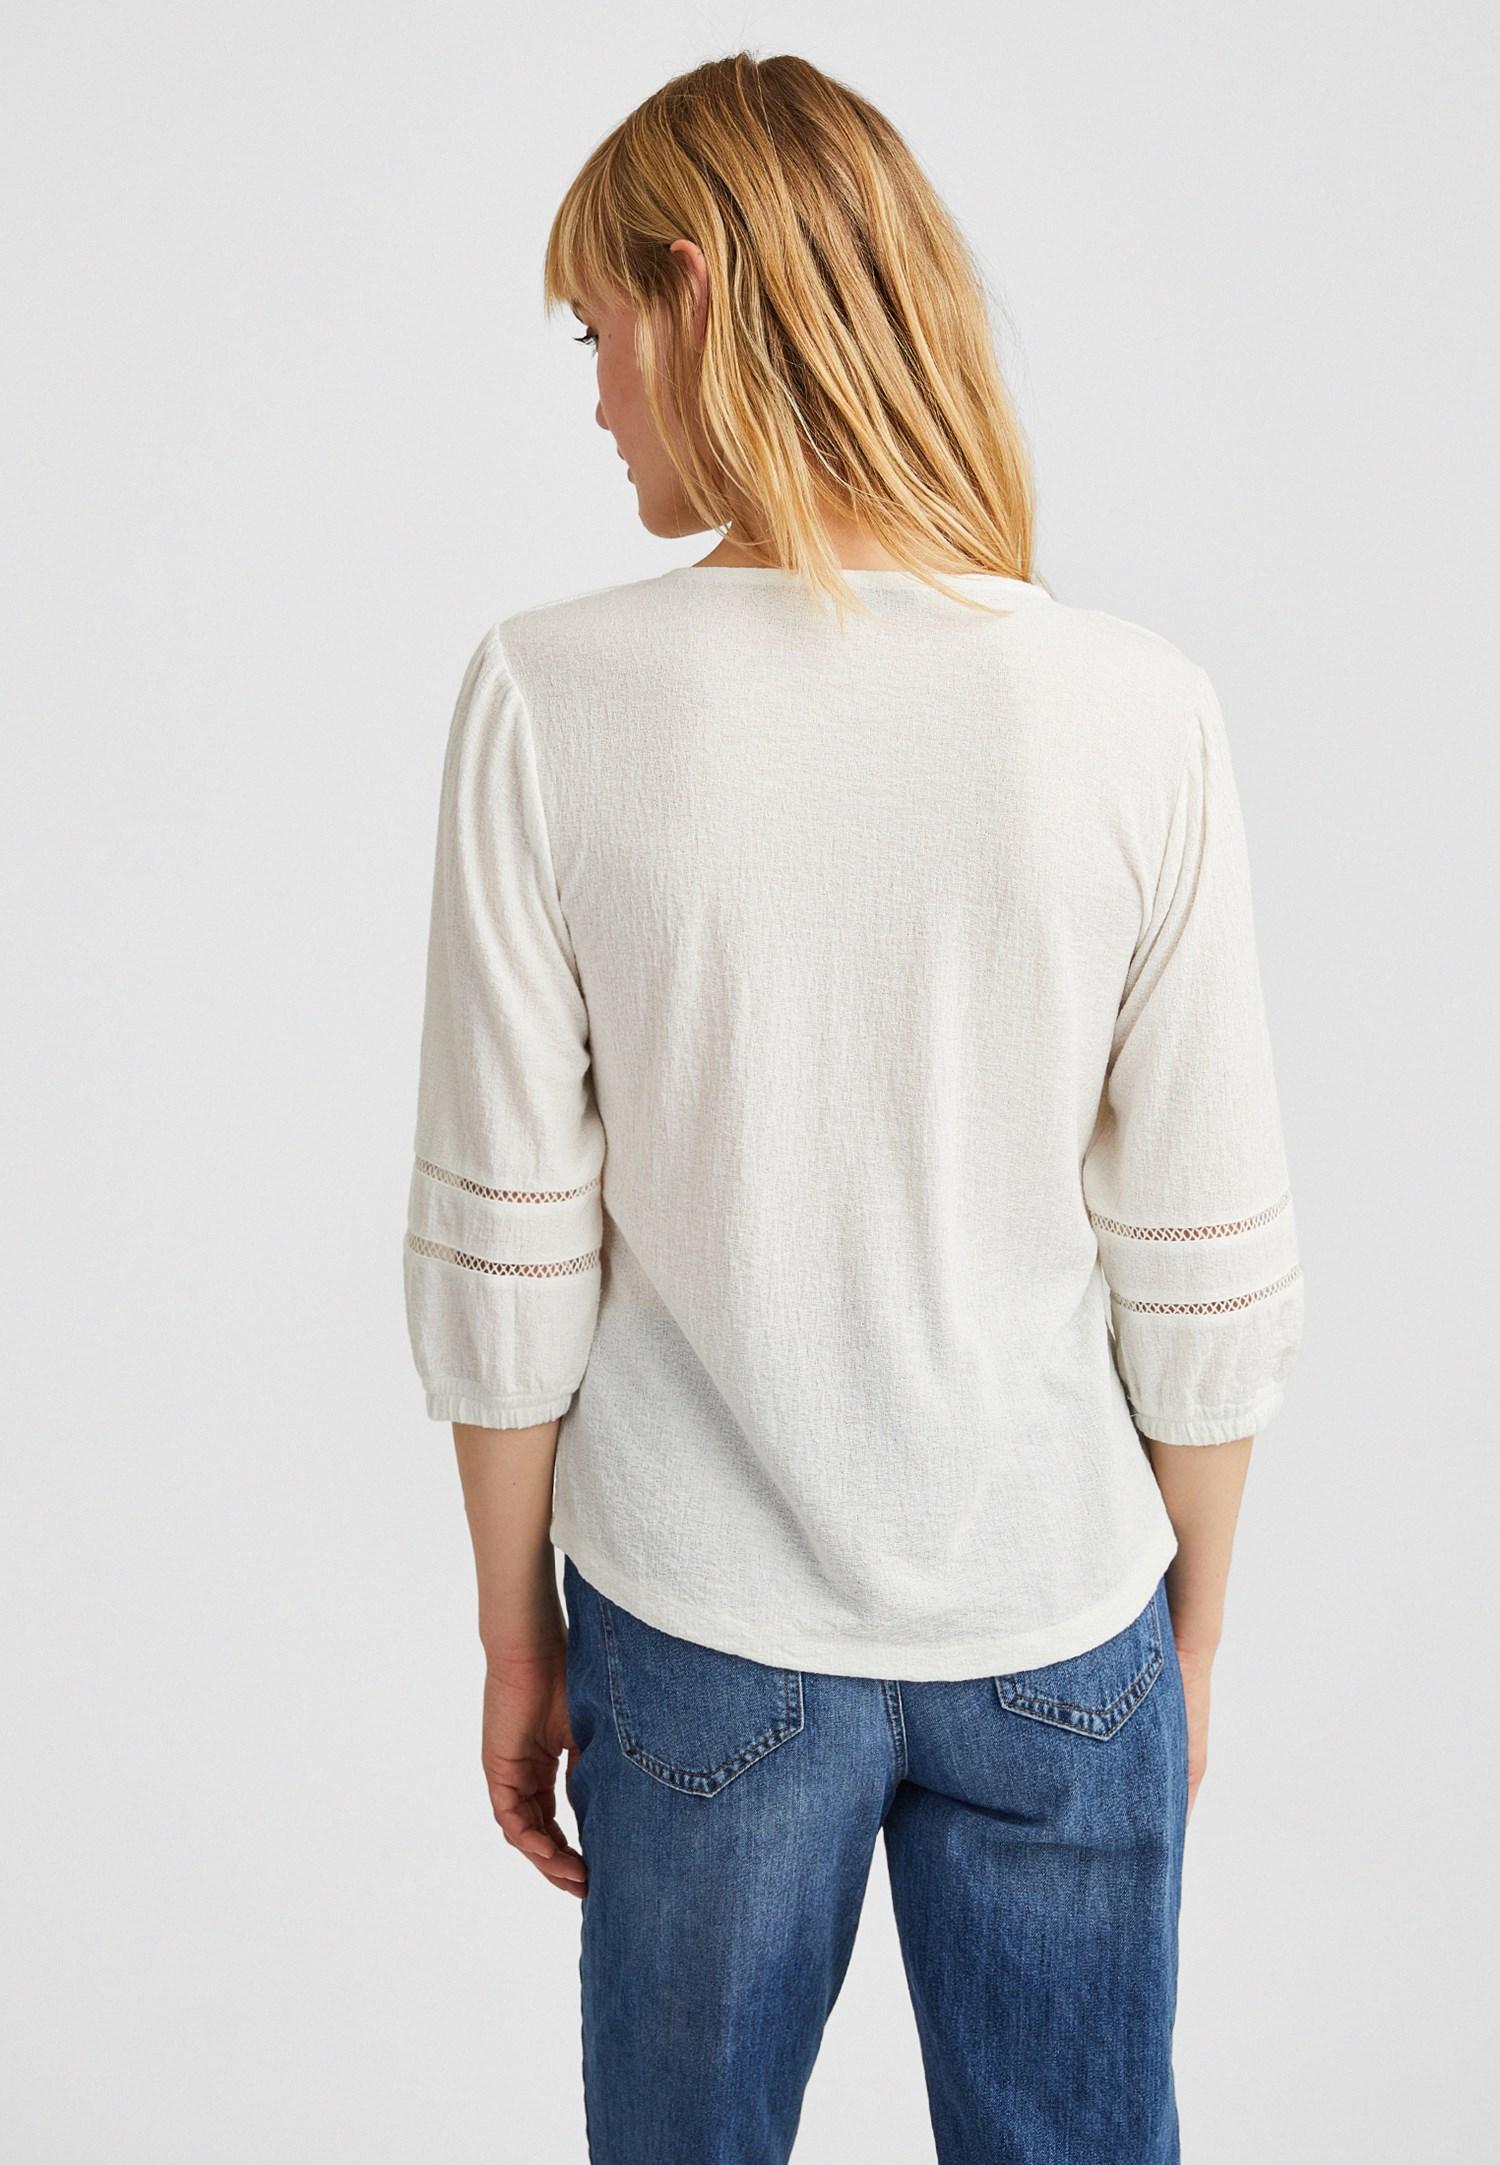 Bayan Krem Bağlama ve Dantel Detaylı Bluz